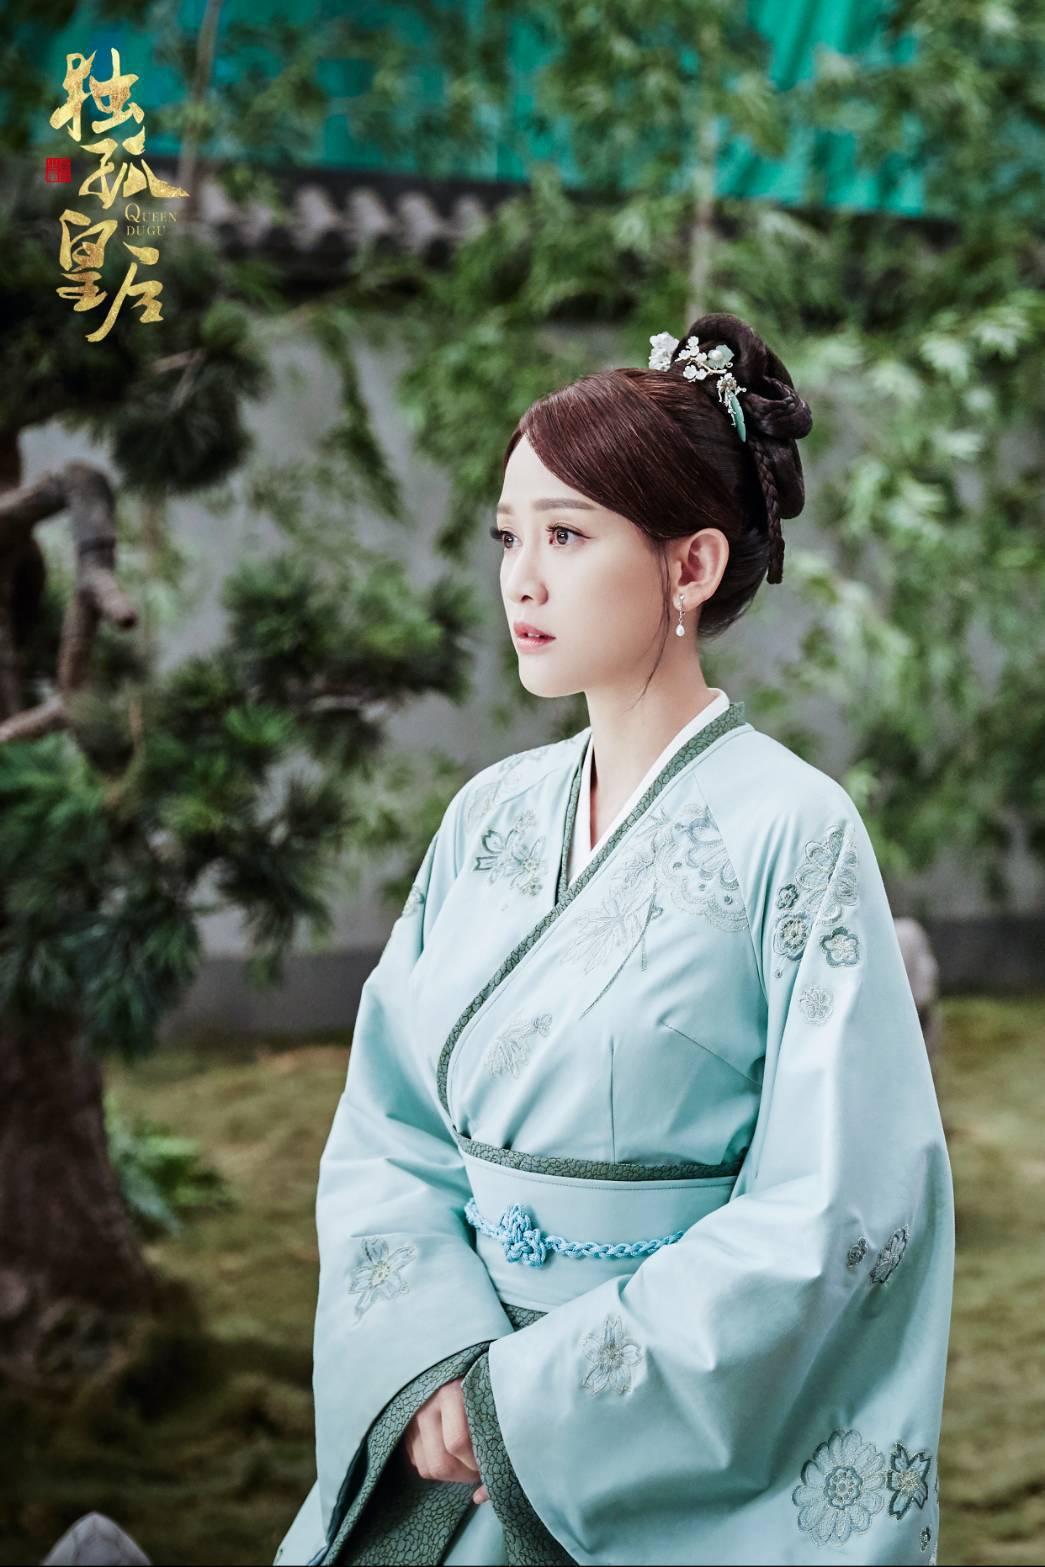 陳喬恩預告將在「獨孤皇后」中封后。圖/摘自微博